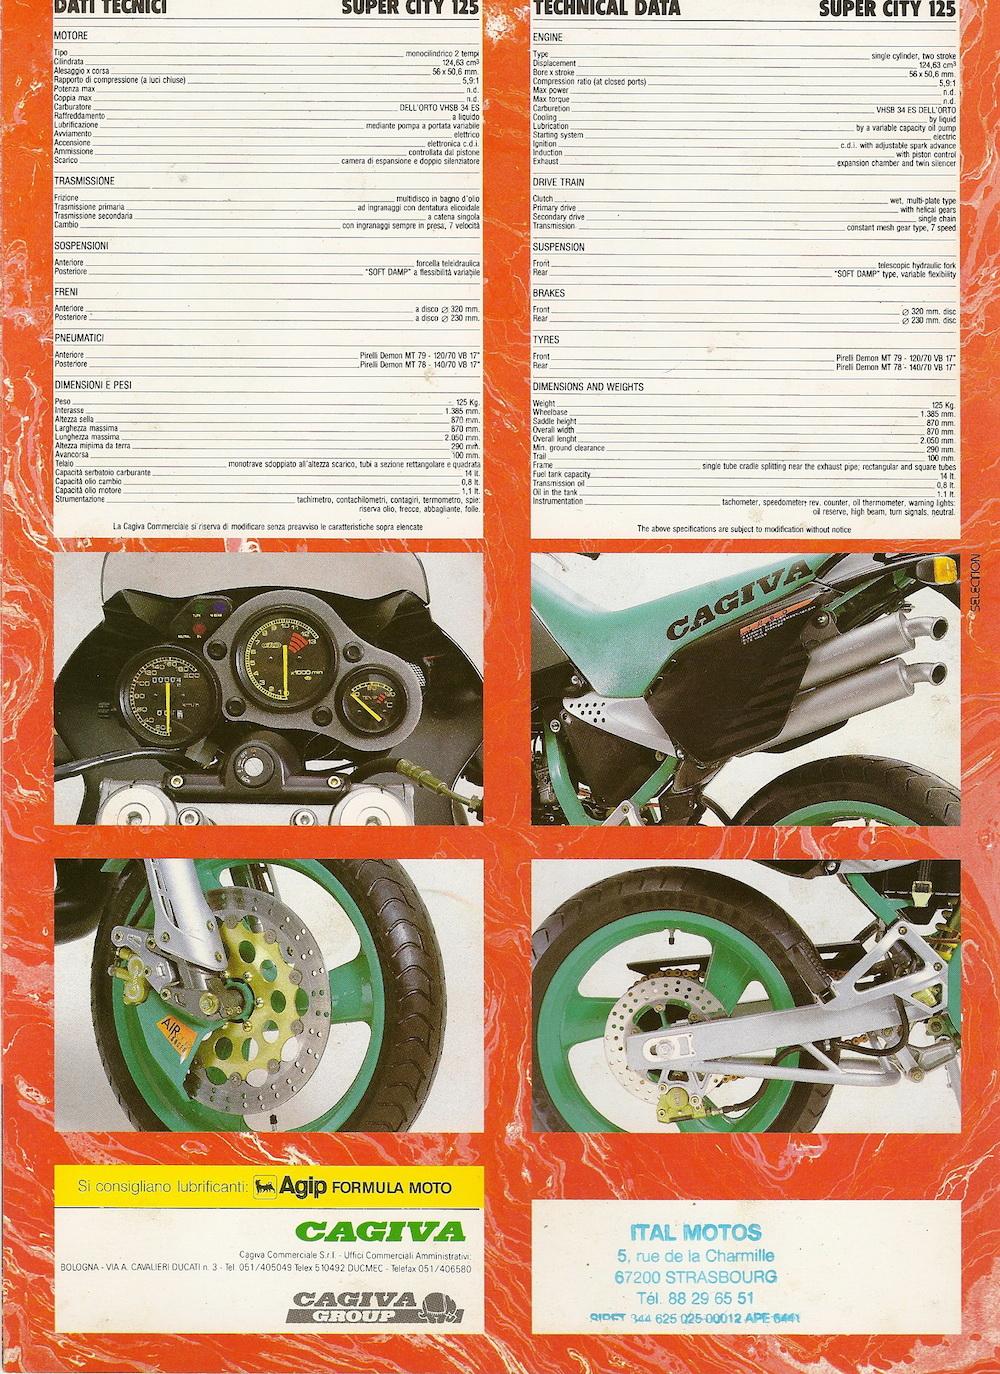 Cagiva Supercity 125 91 (1)